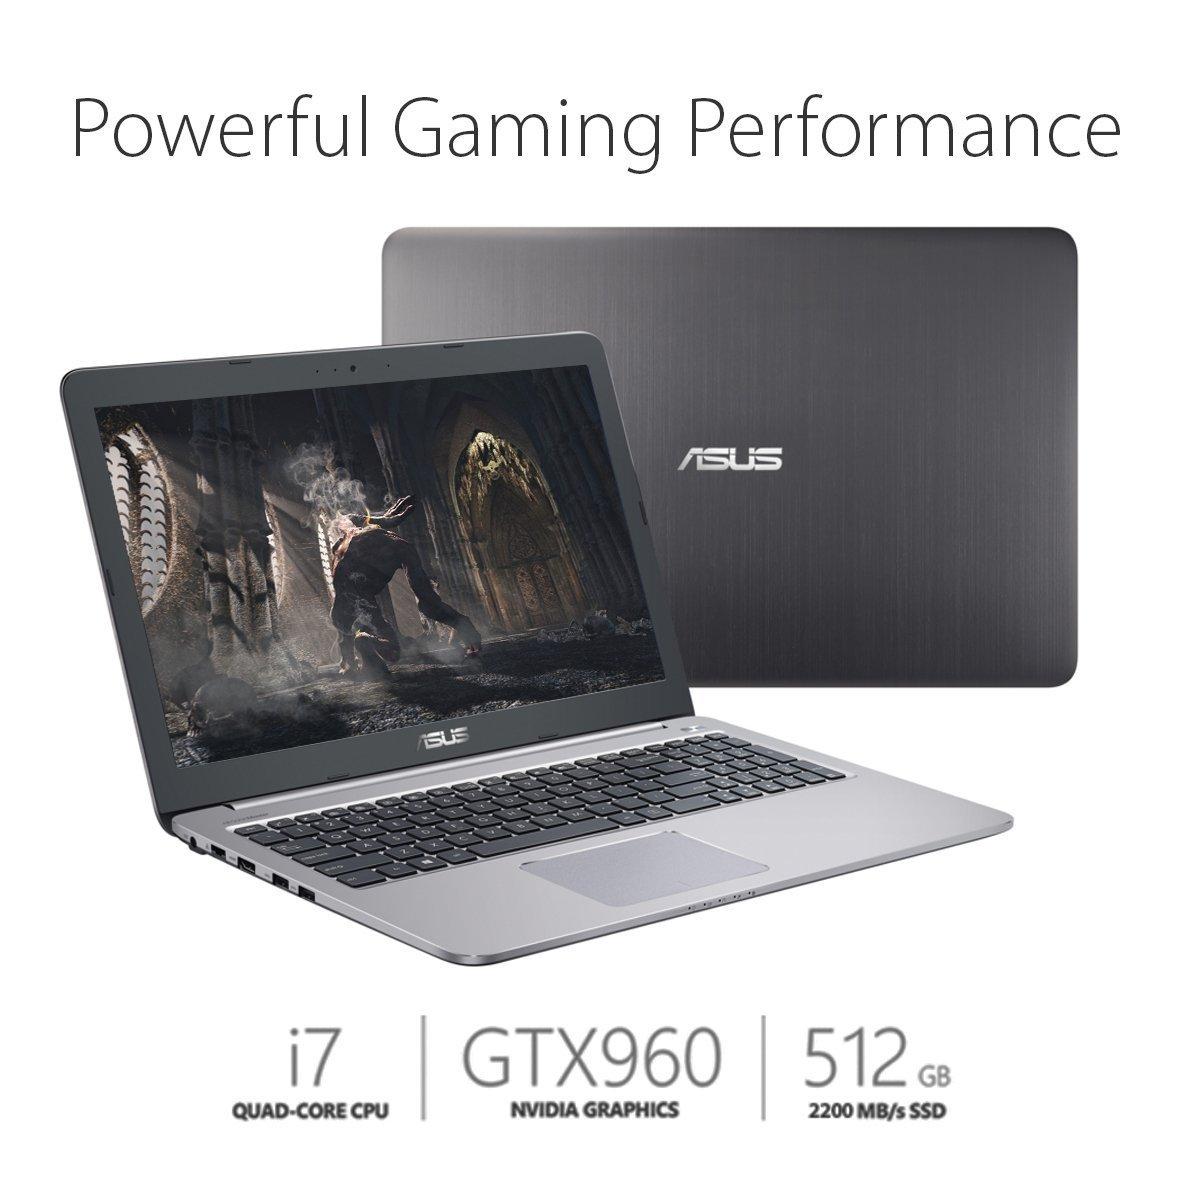 ASUS 15.6-inch Full-HD Gaming Laptop (i7-6500U, GTX 960M, 8GB DDR4, 512GB SSD) Glacier Grey - $799